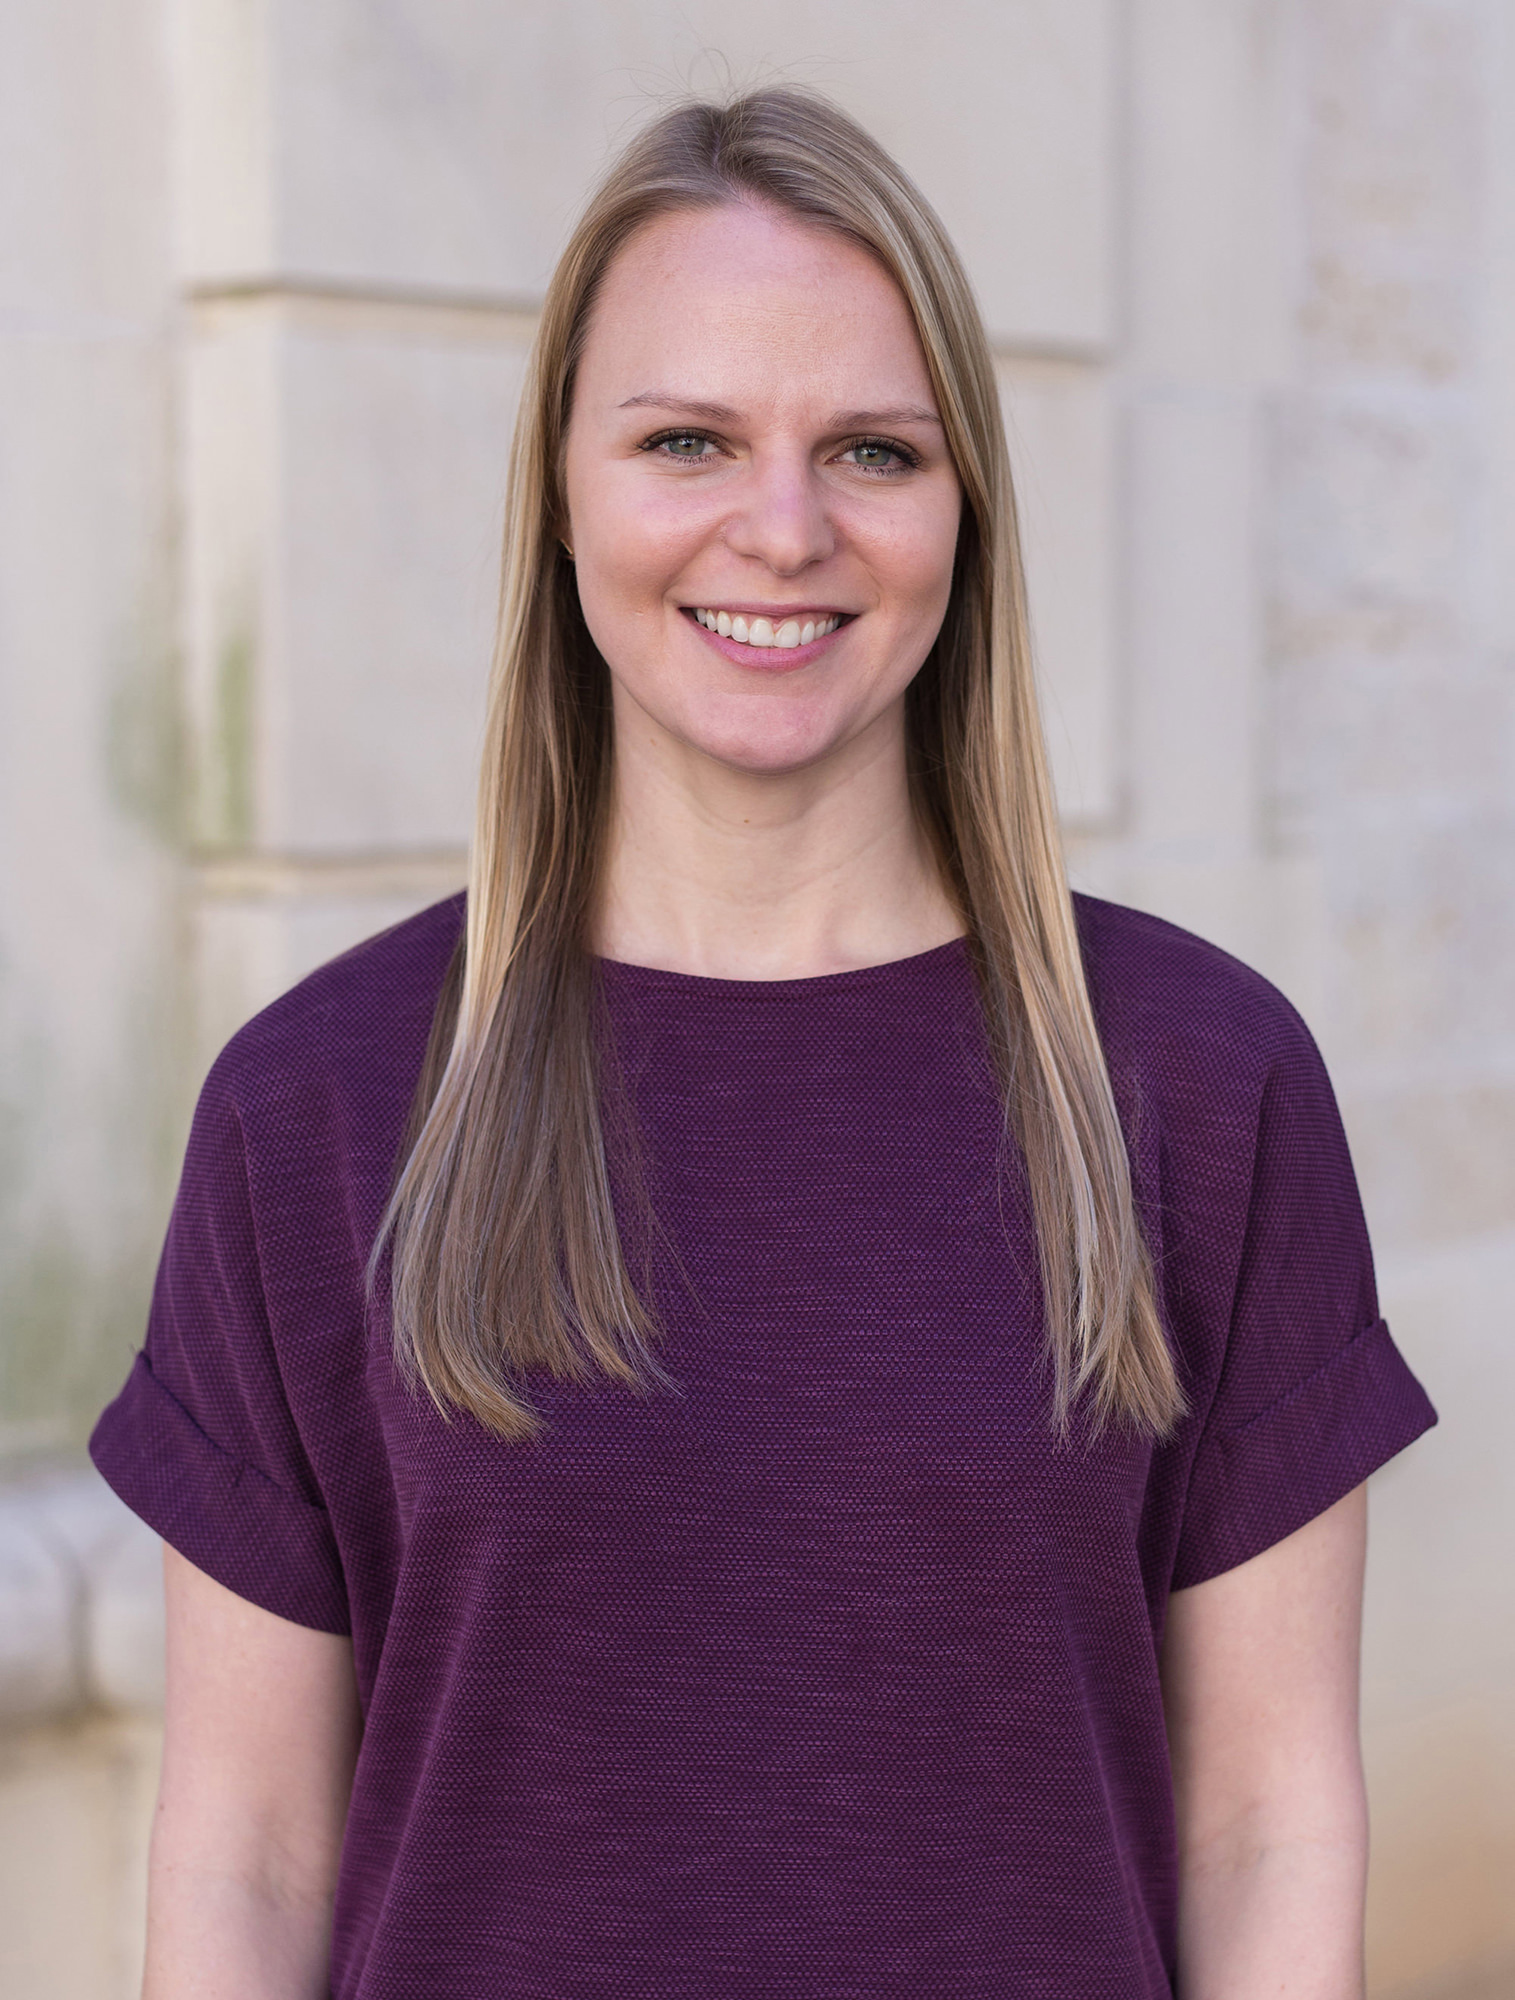 DSP staff member Emily Schroeder